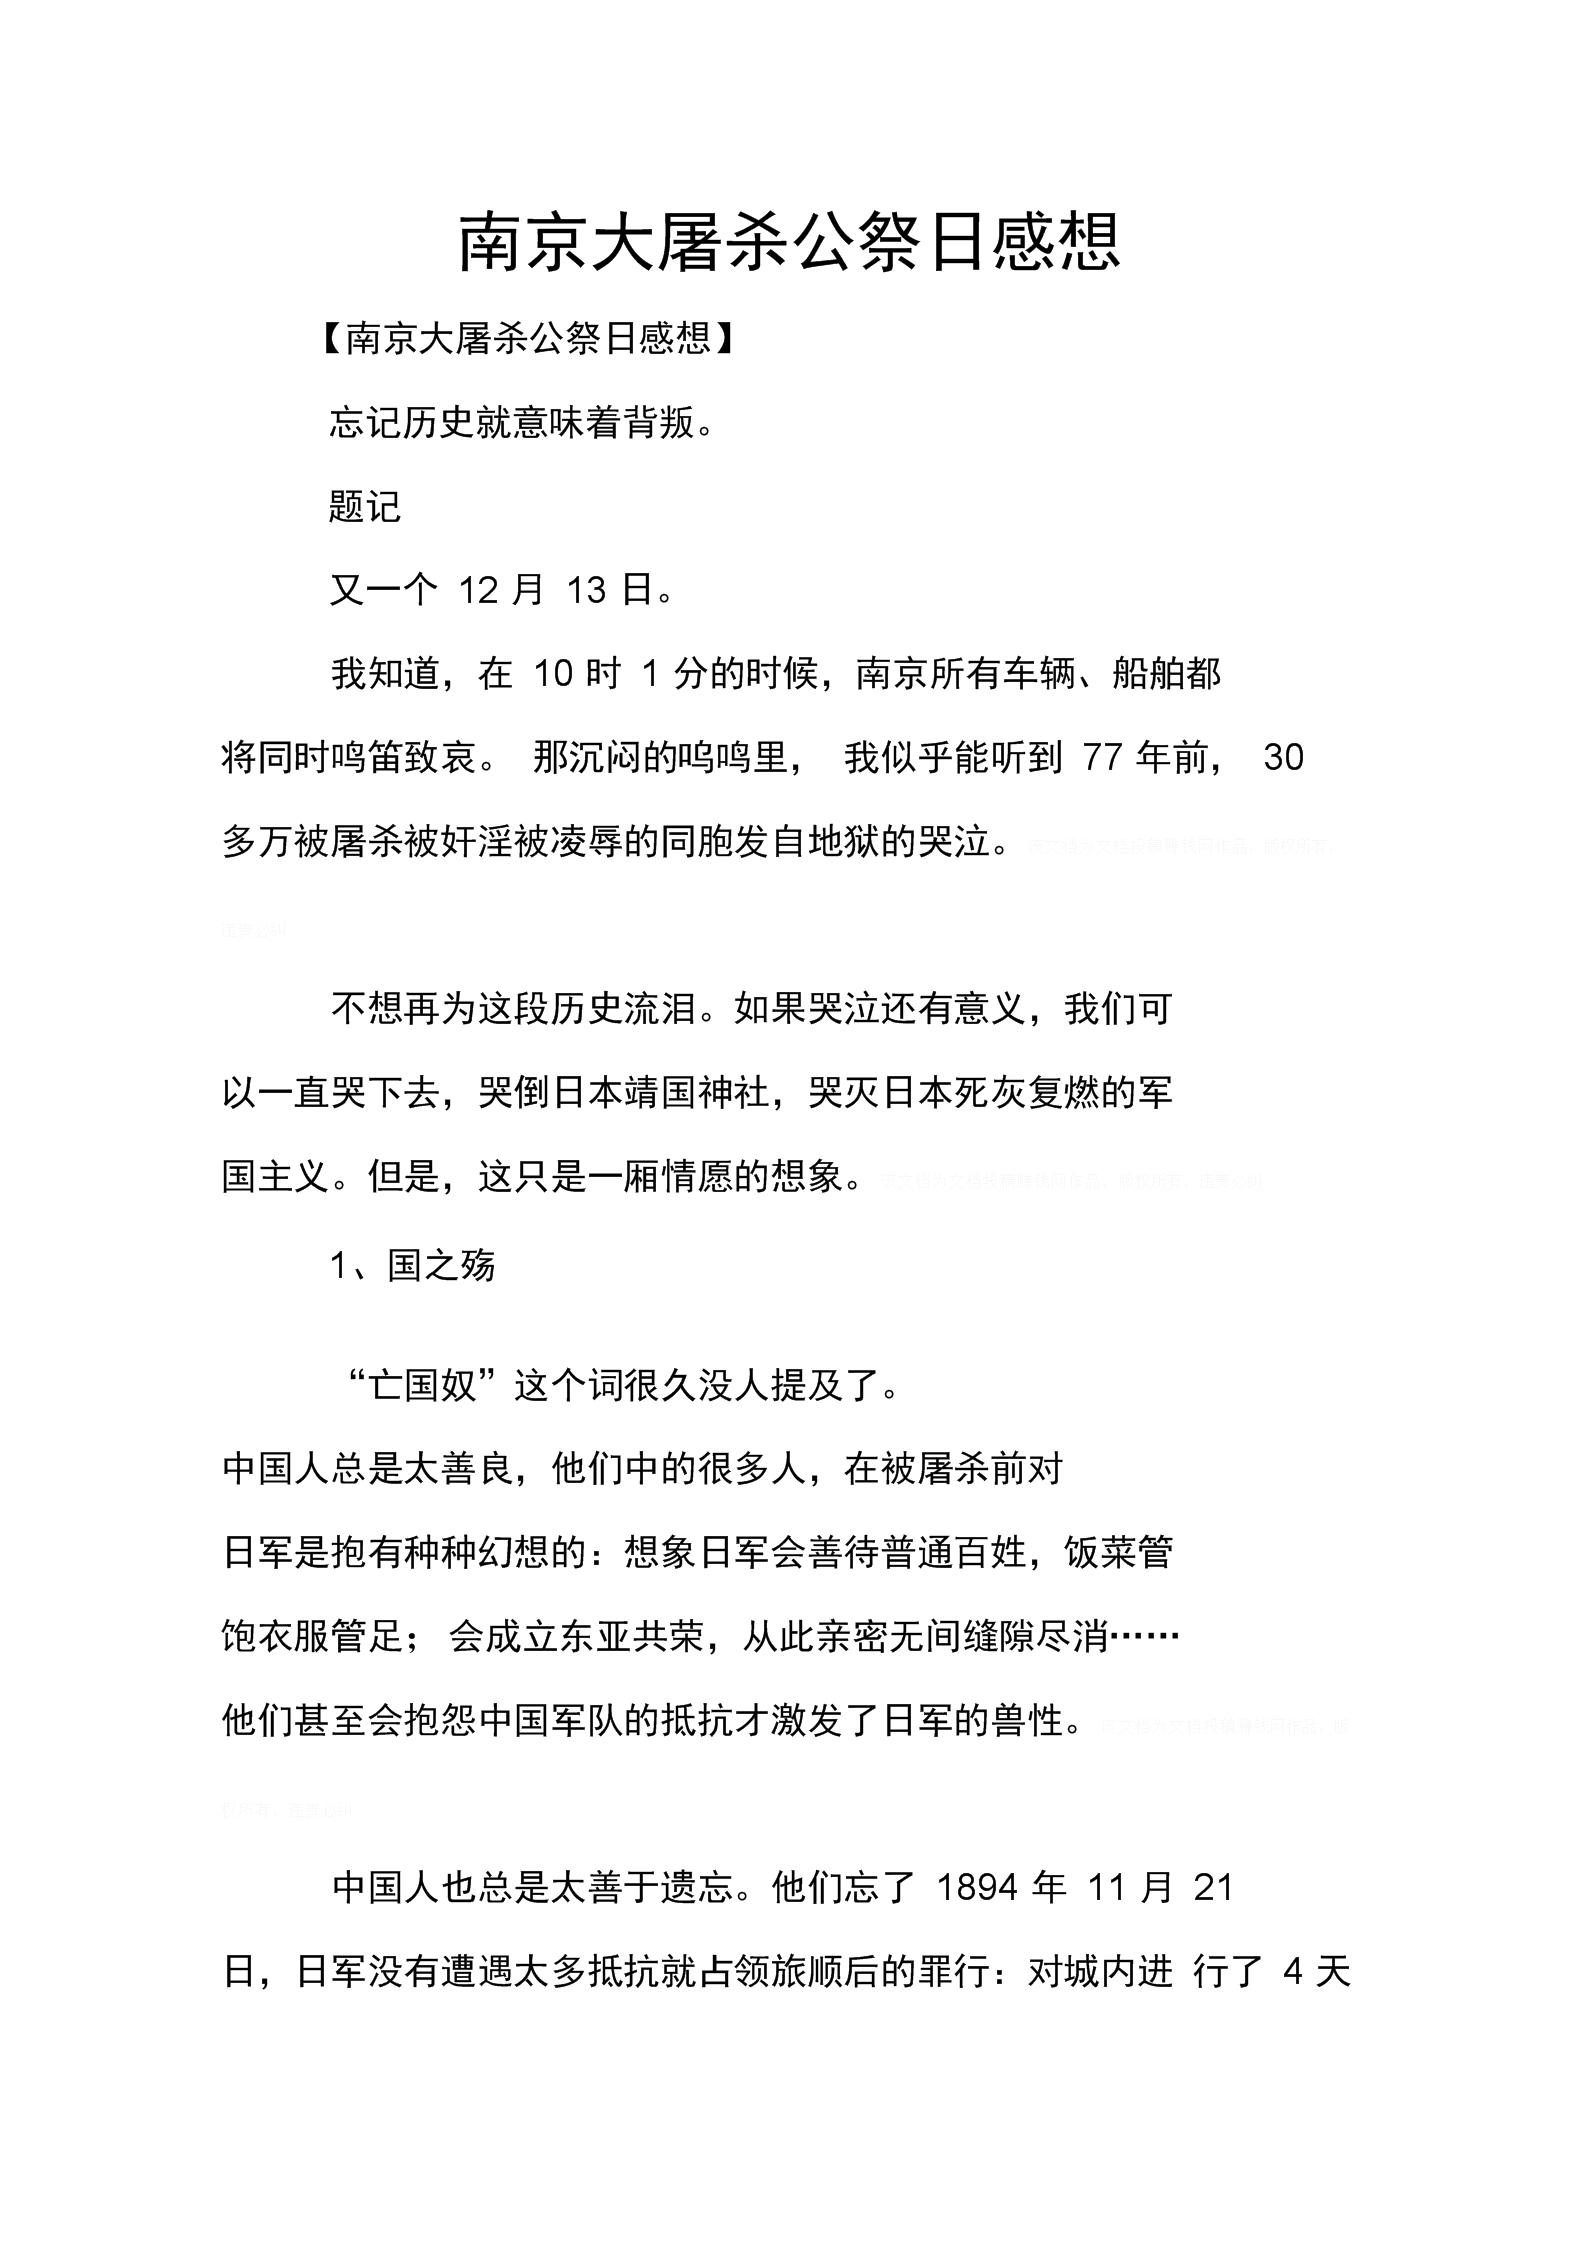 南京大屠杀公祭日感想.docx